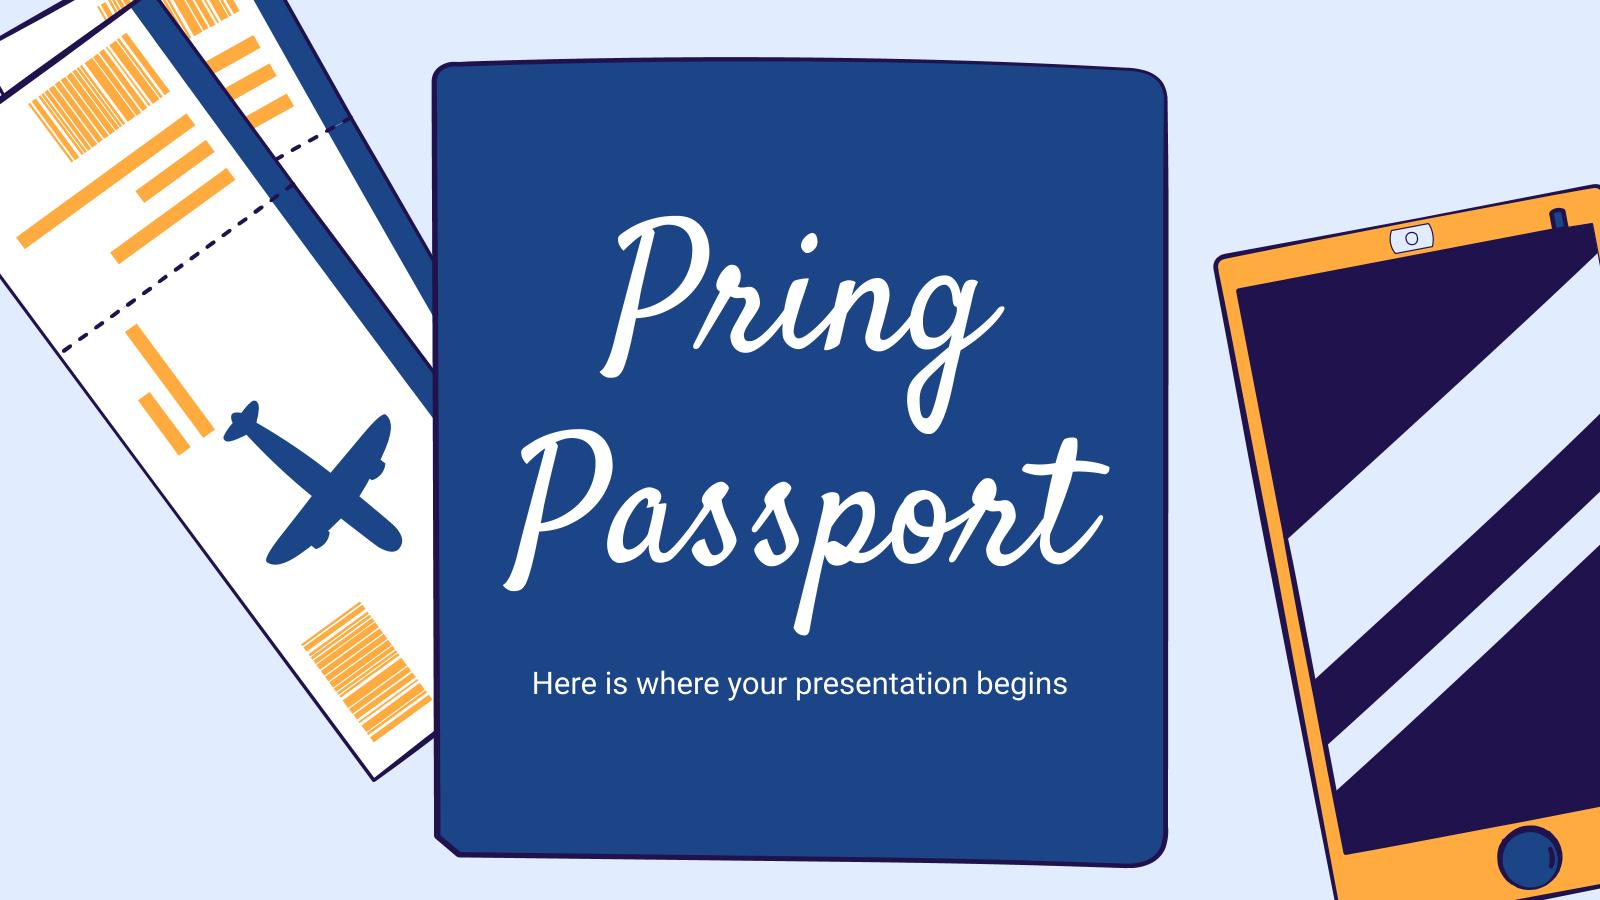 Passeport Pring : Modèles de présentation